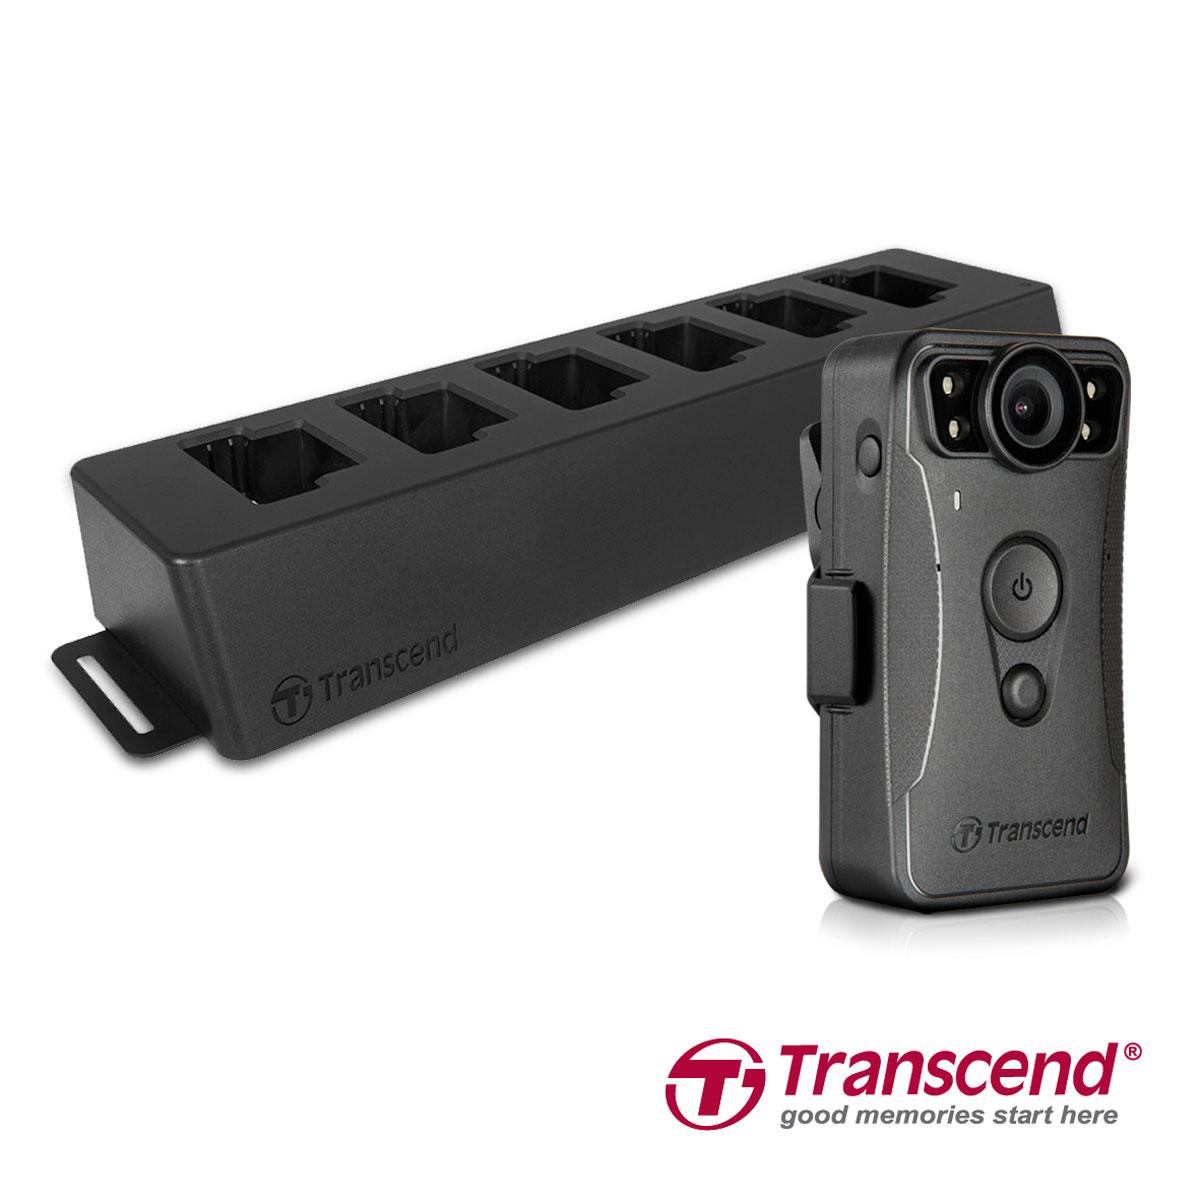 Transcend Reveals DrivePro Body 30 Body Camera